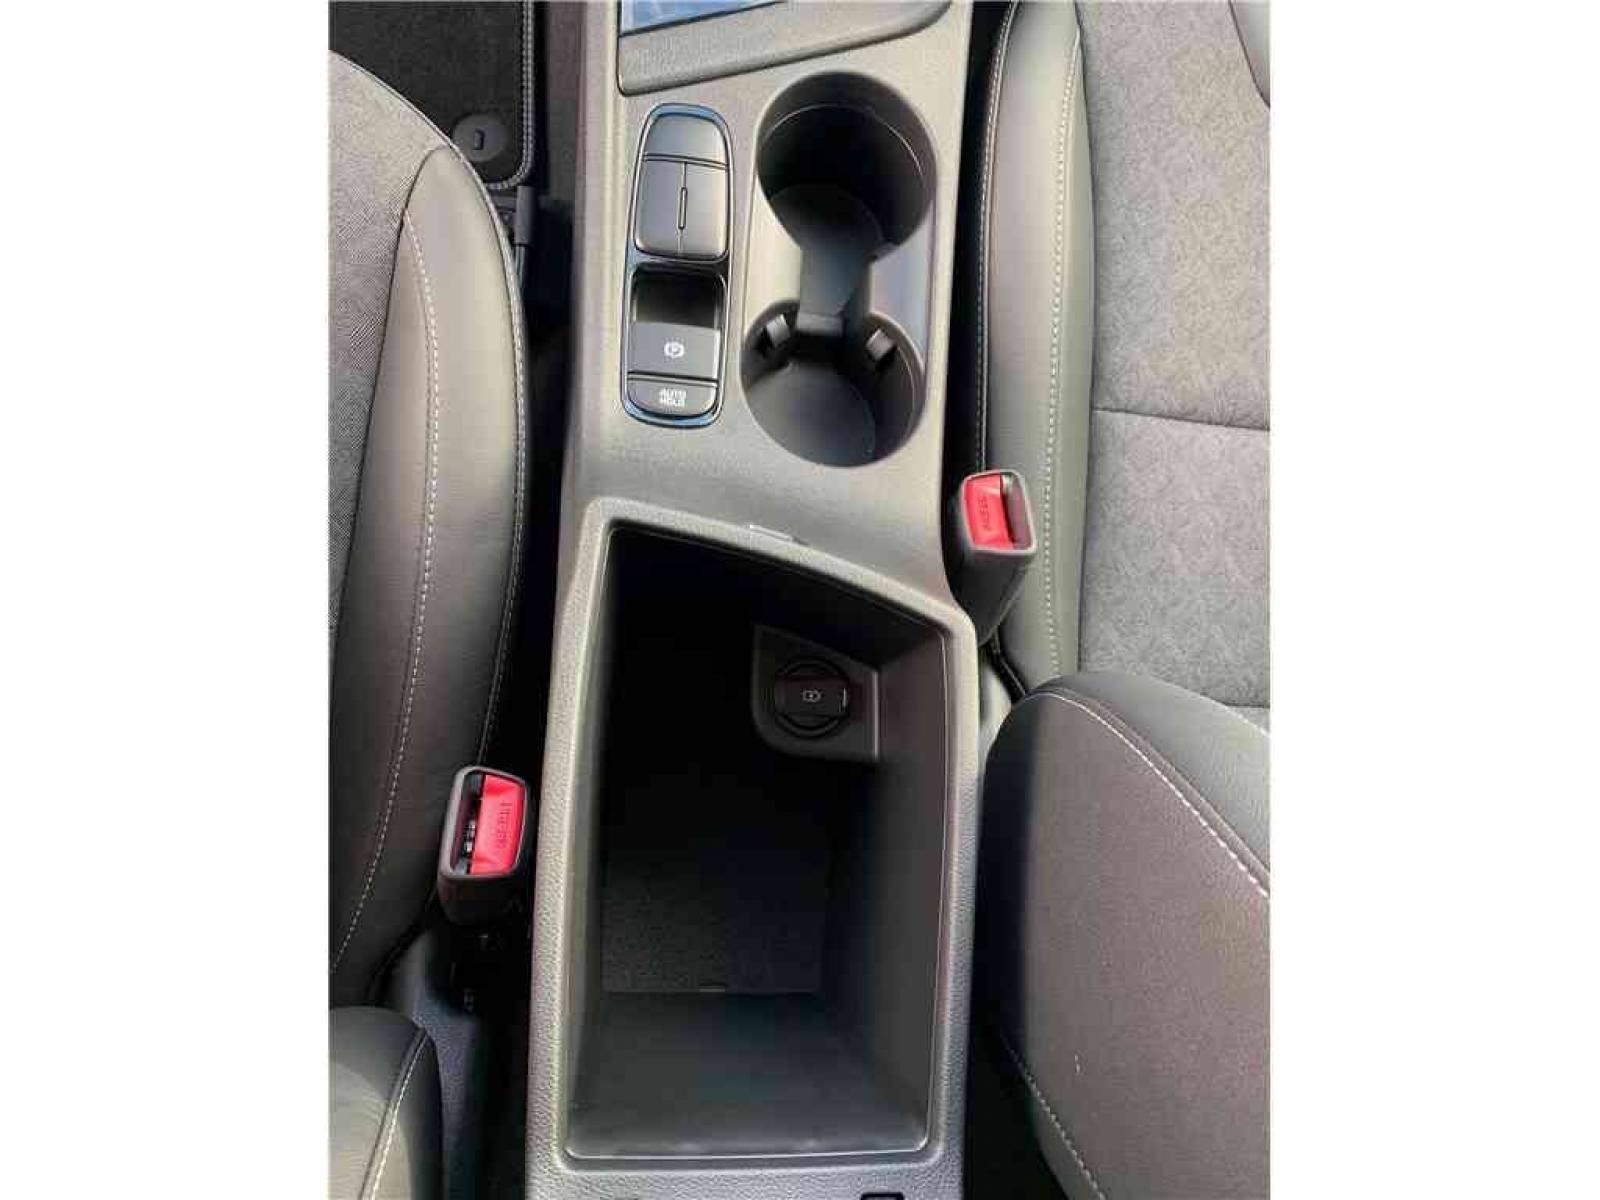 KIA Niro Hybrid Recharg 1.6 GDi 105 ch ISG + Elec 60.5 ch DCT6 - véhicule d'occasion - Groupe Guillet - Hall de l'automobile - Montceau les Mines - 71300 - Montceau-les-Mines - 32